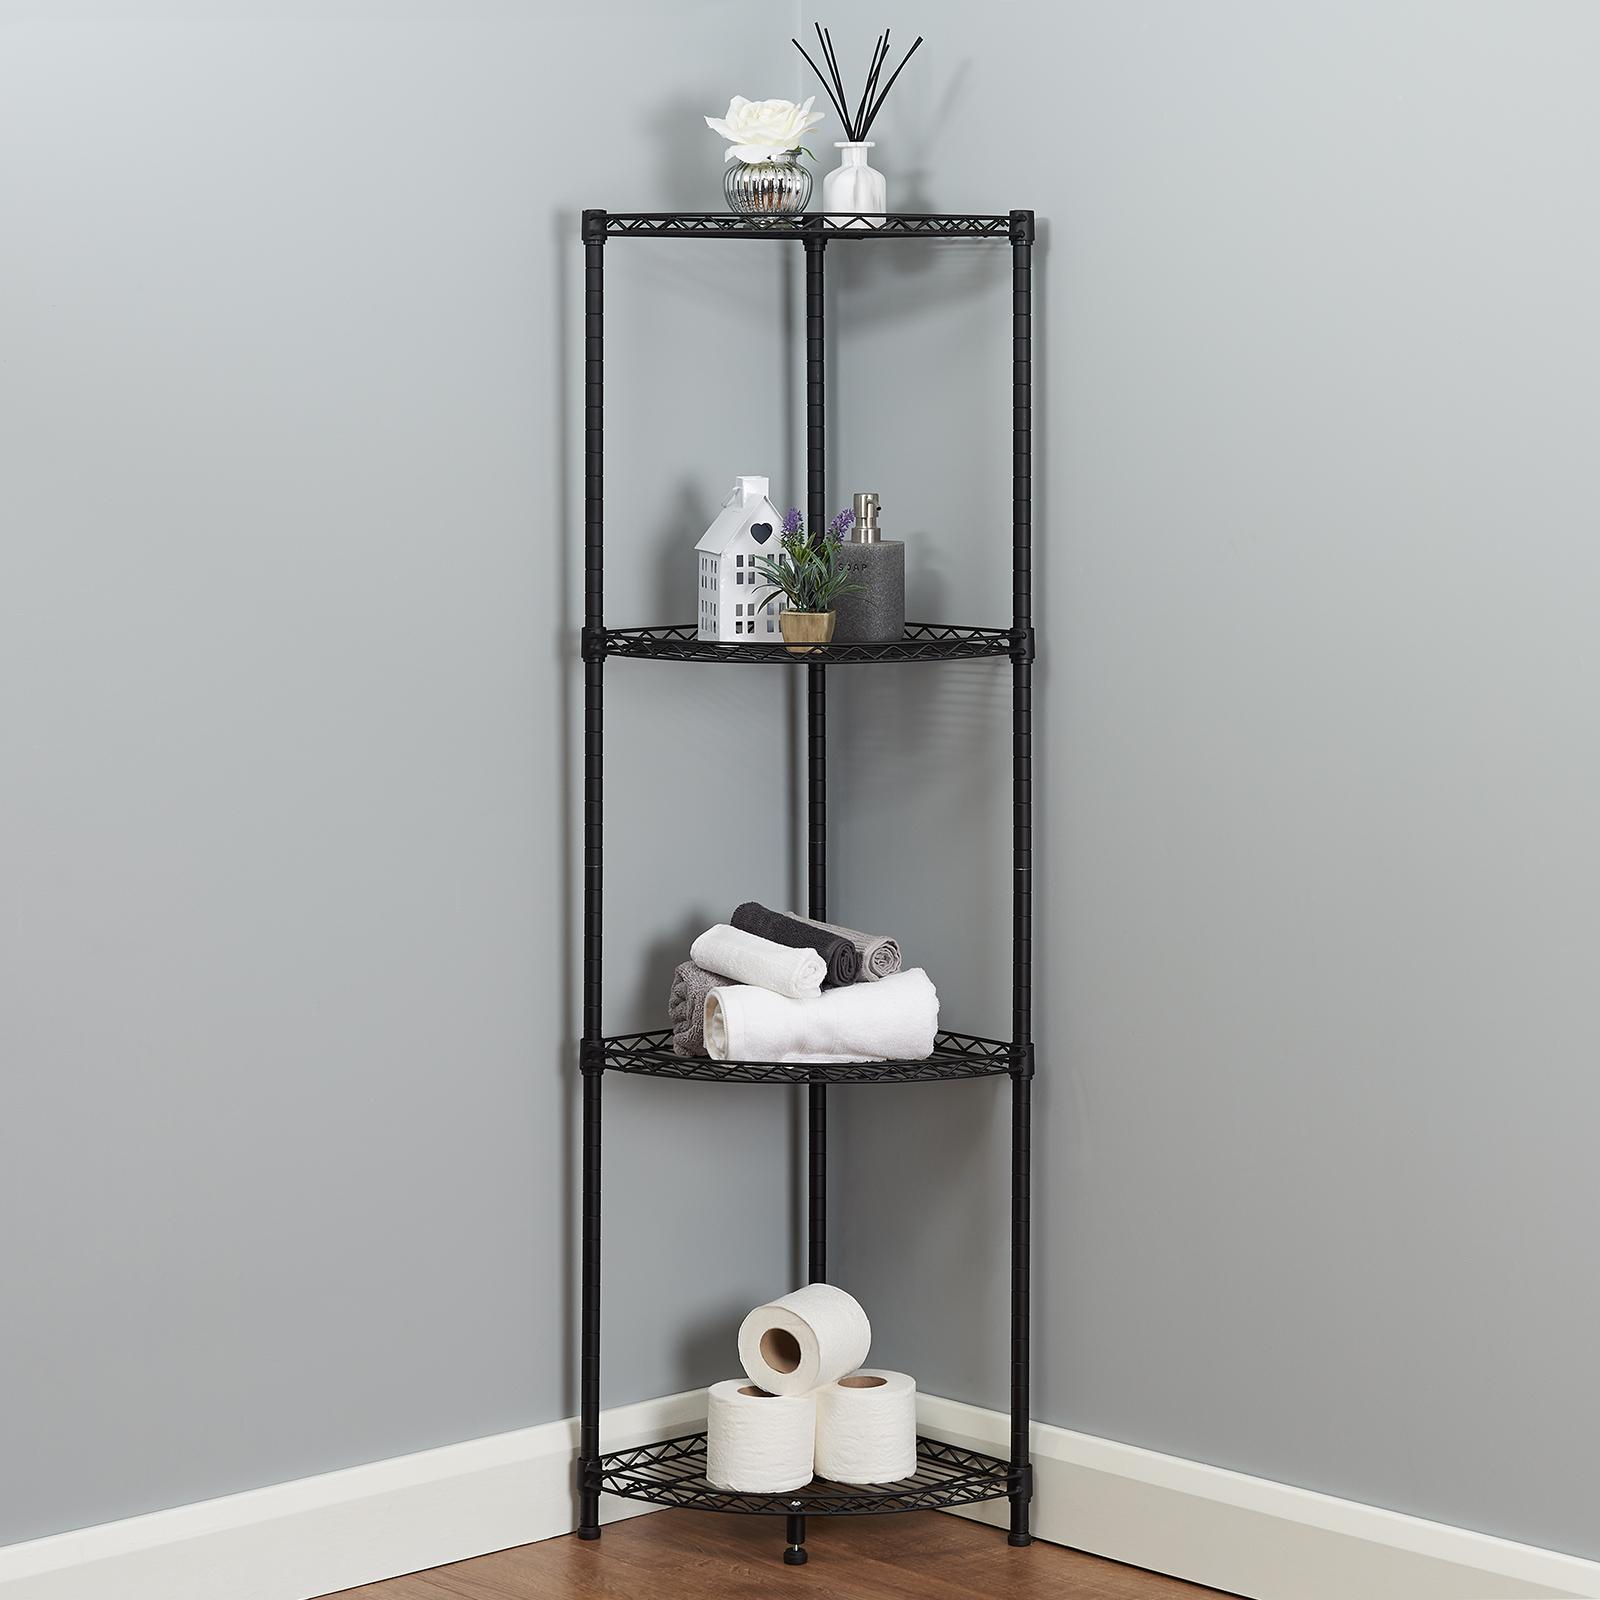 Details About 4 Tier Corner Bathroom Storage Shelves Metal Black Shelving Unit Display Rack